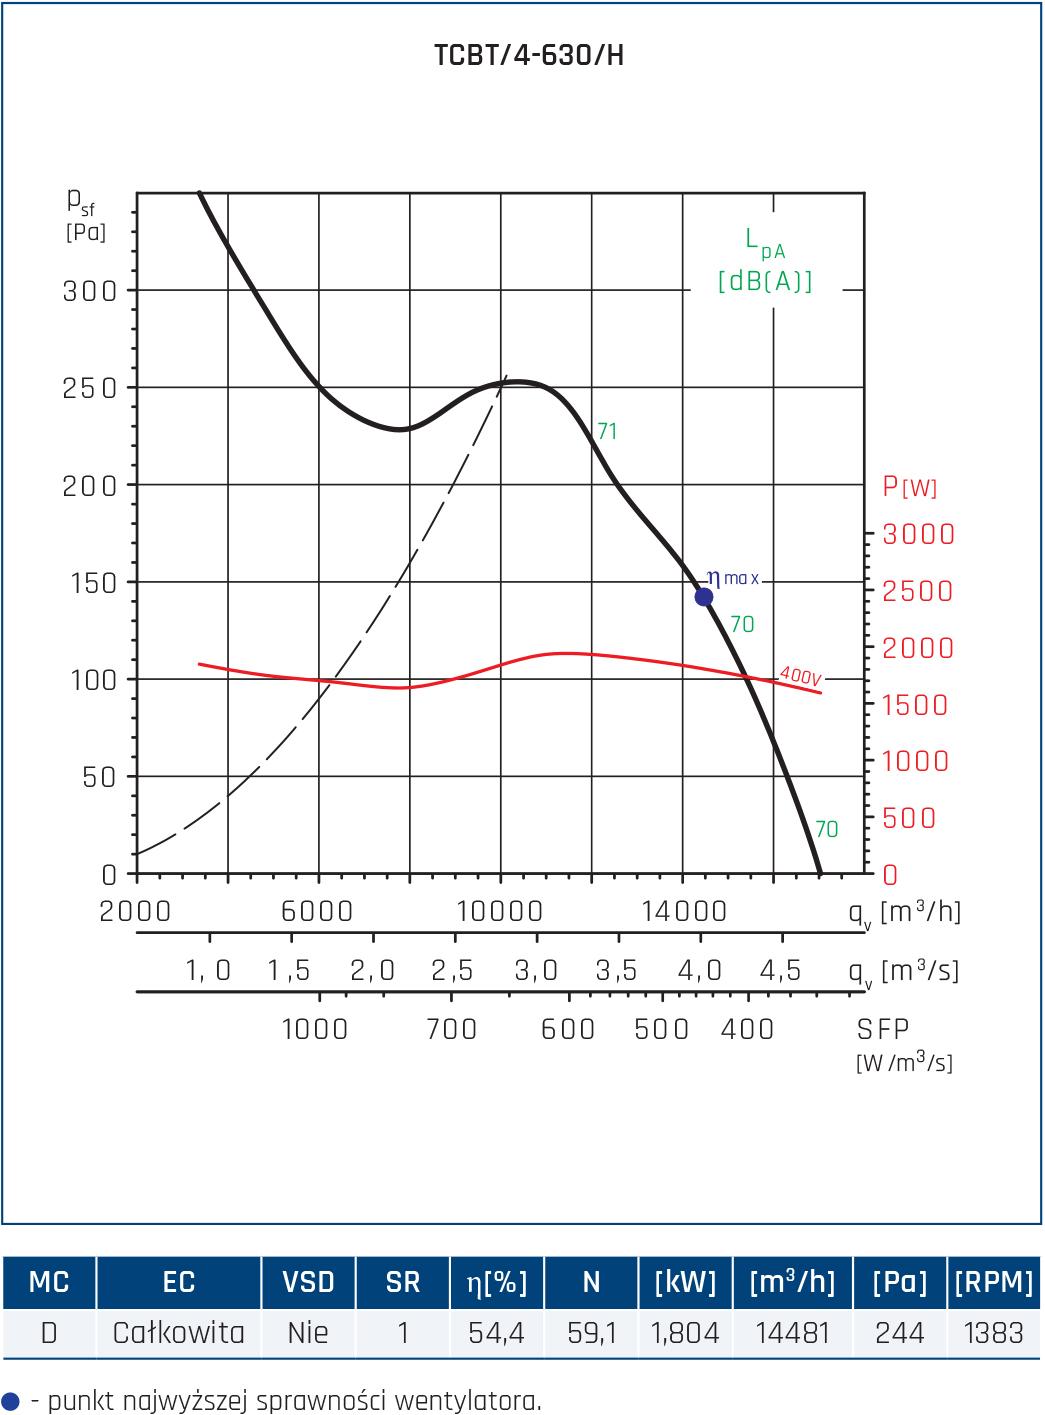 Wentylator Compact TCBB/TCBT 46